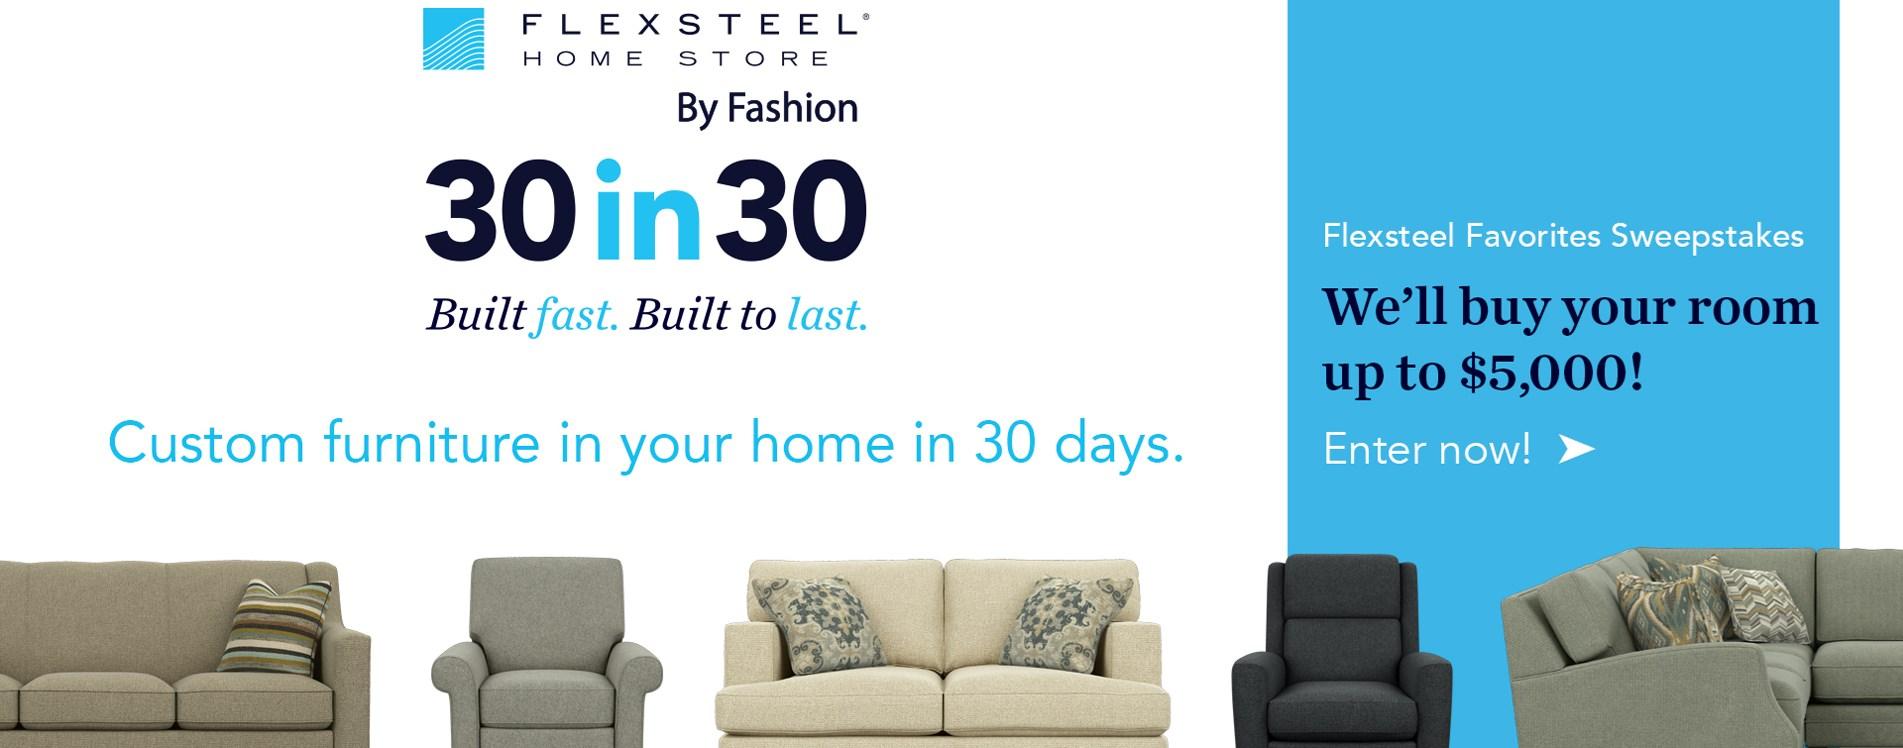 Flexsteel promotion